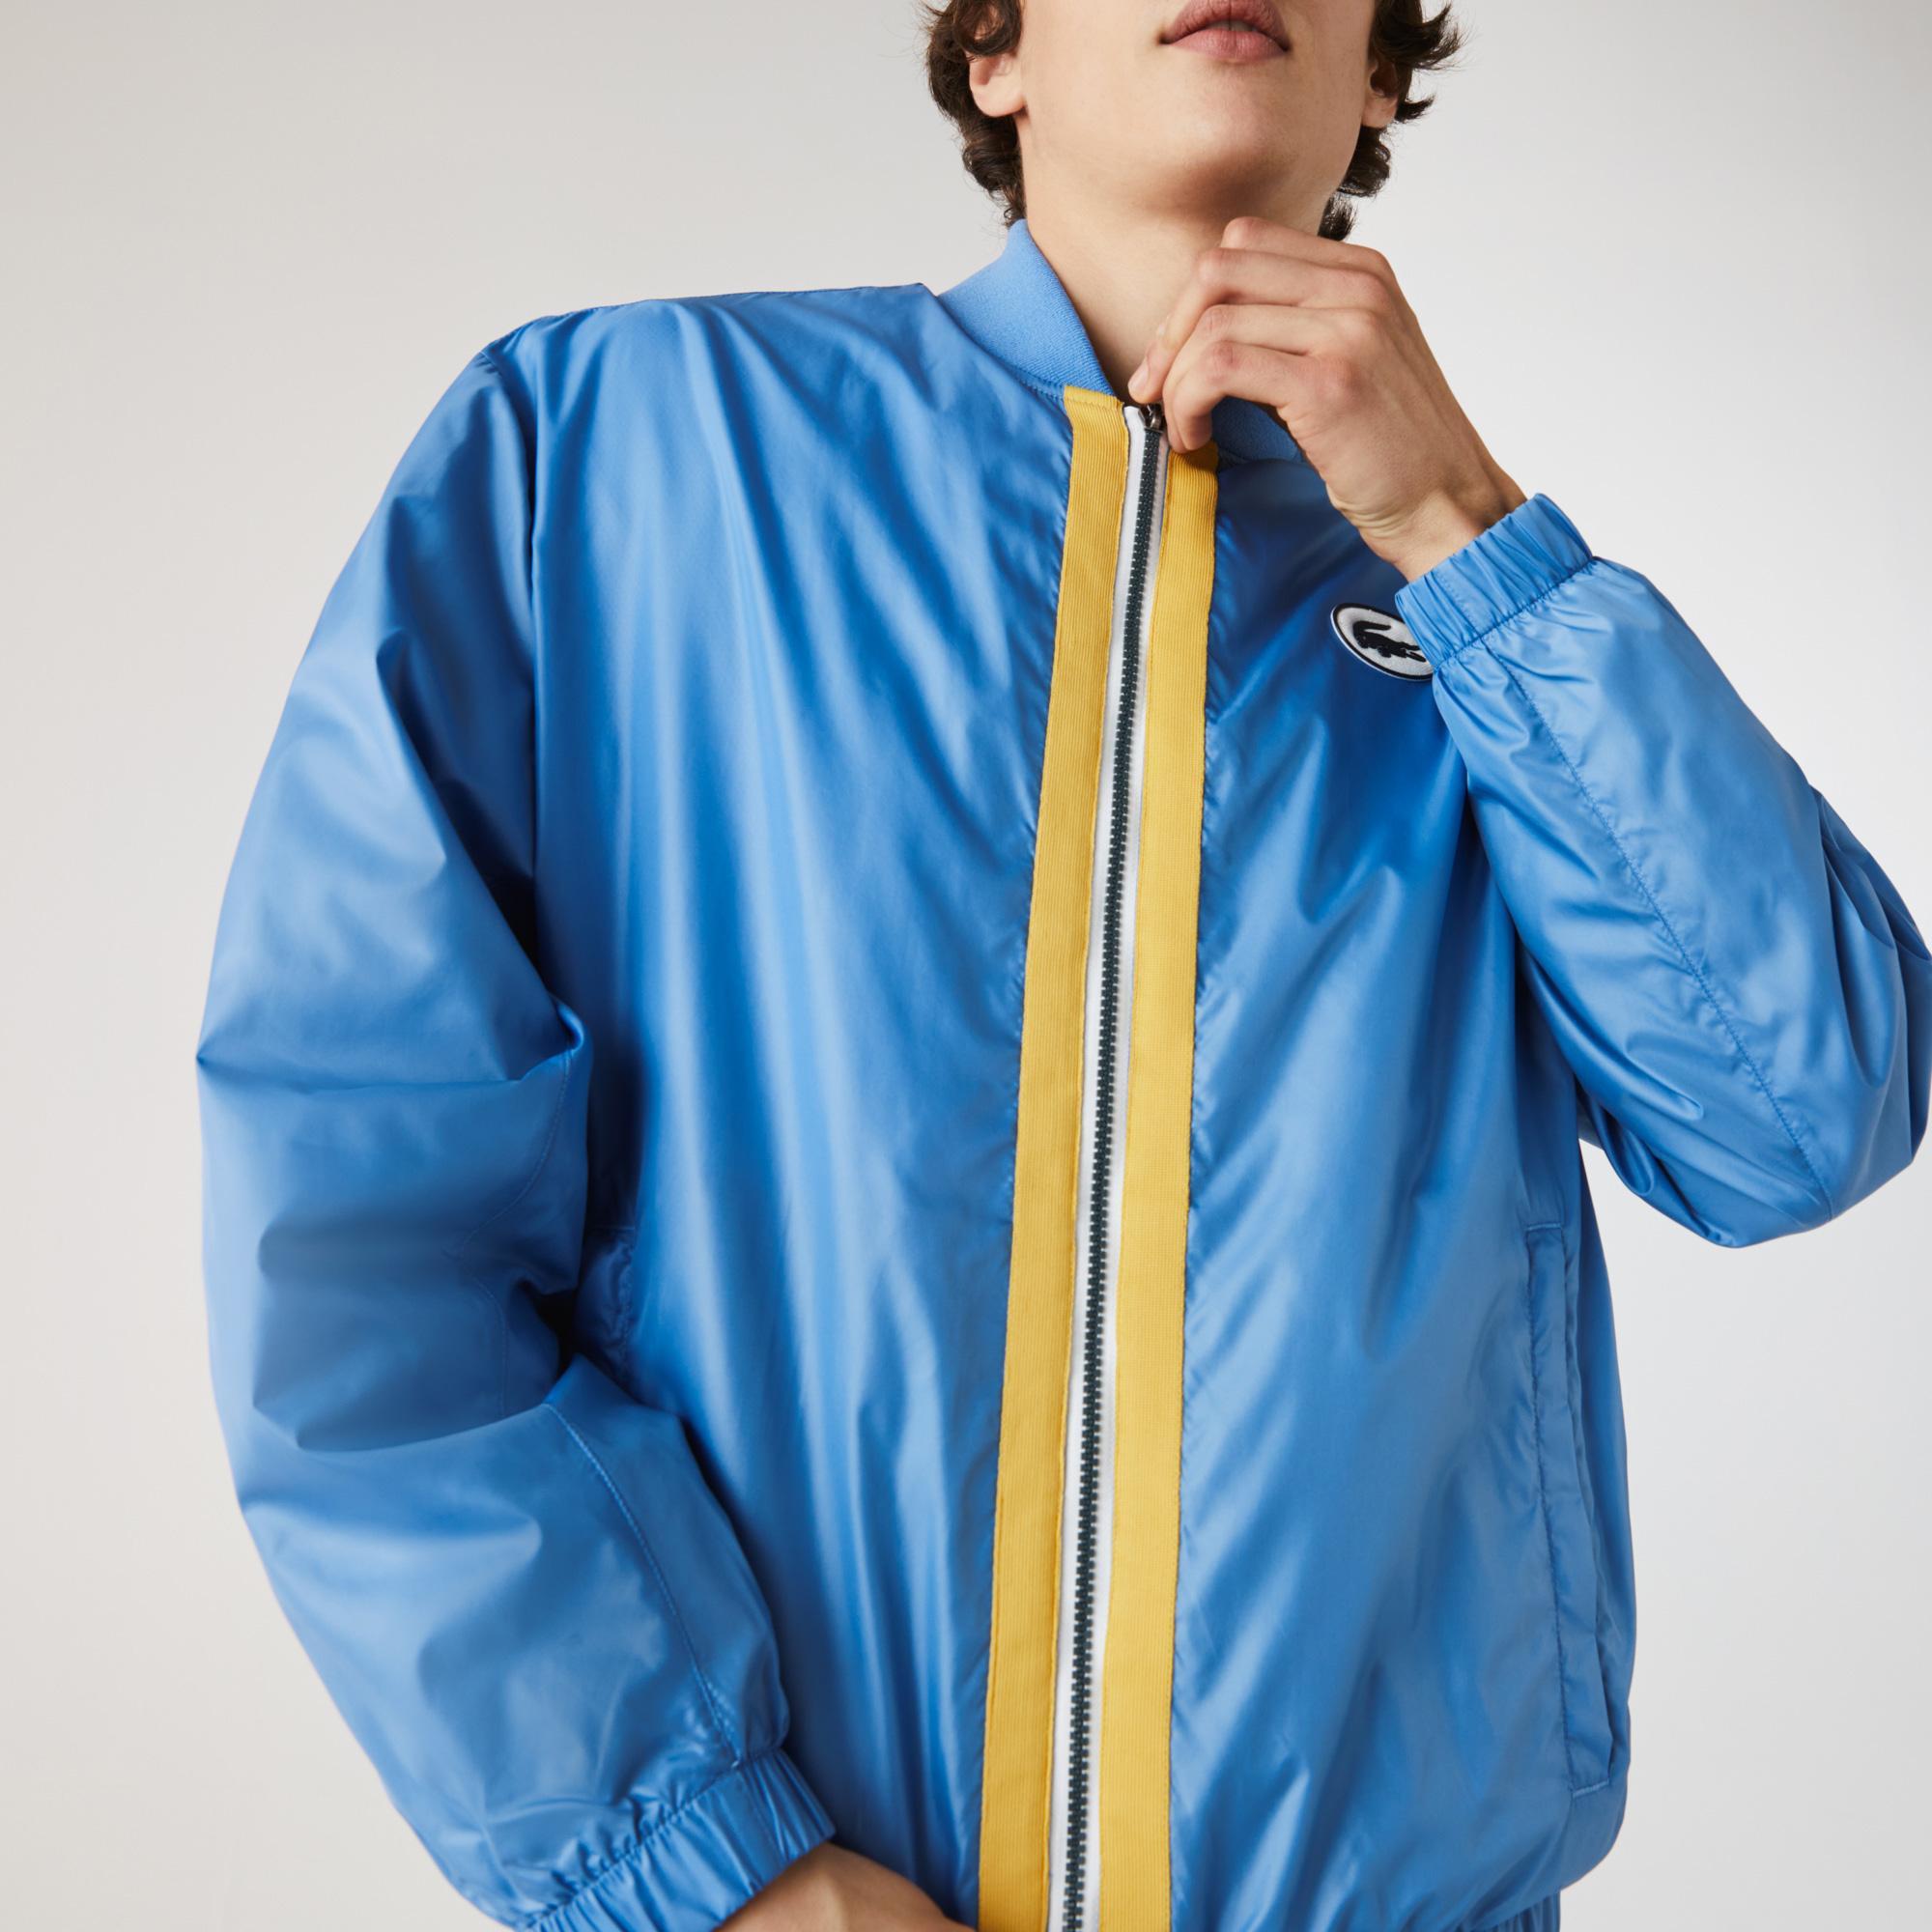 Lacoste Erkek Hakim Yaka Fermuarlı Mavi Ceket